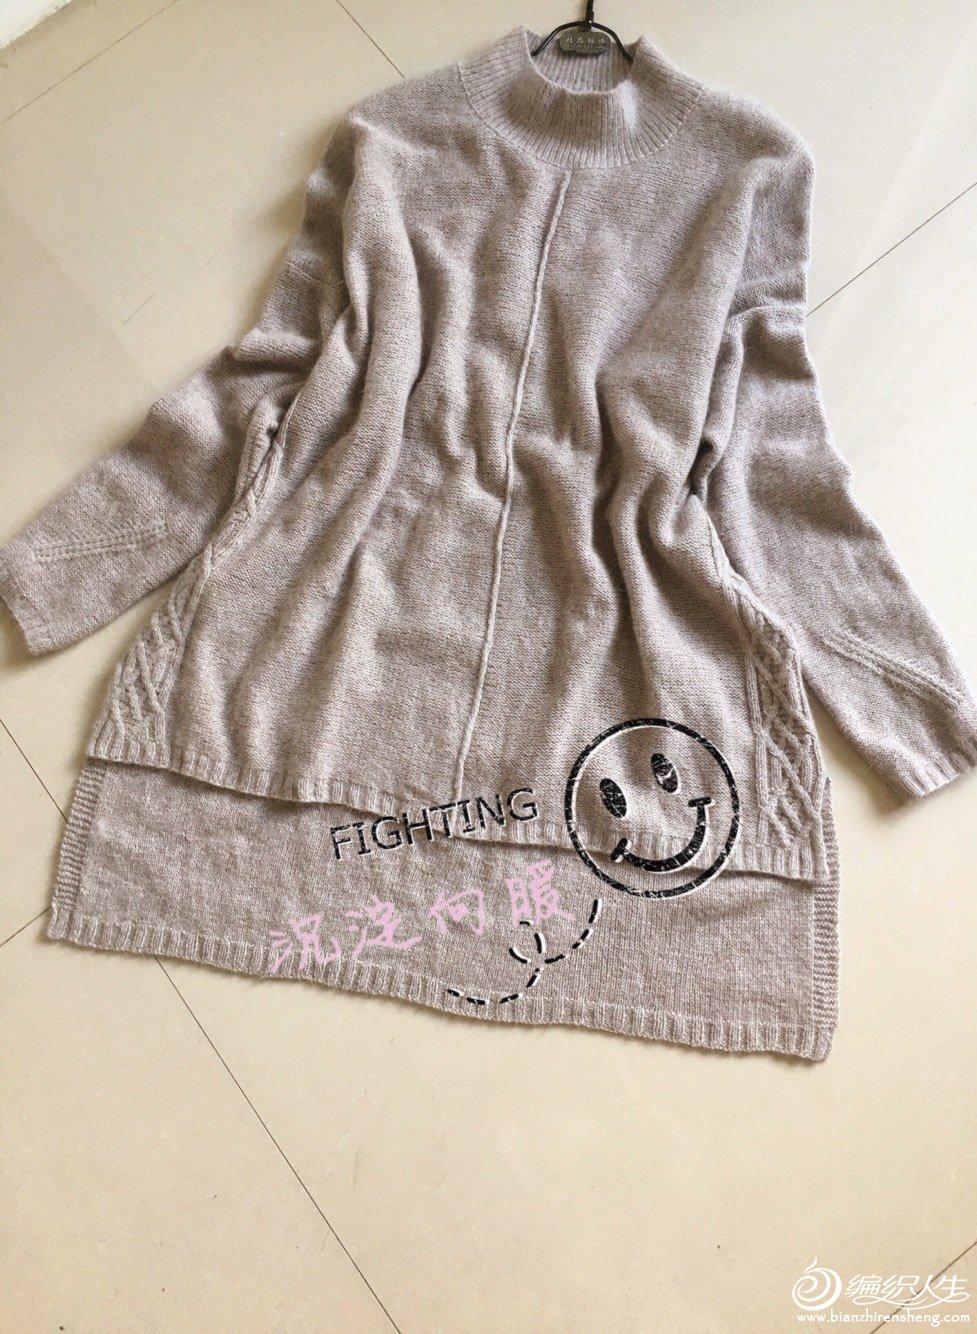 罗子君同款毛衣